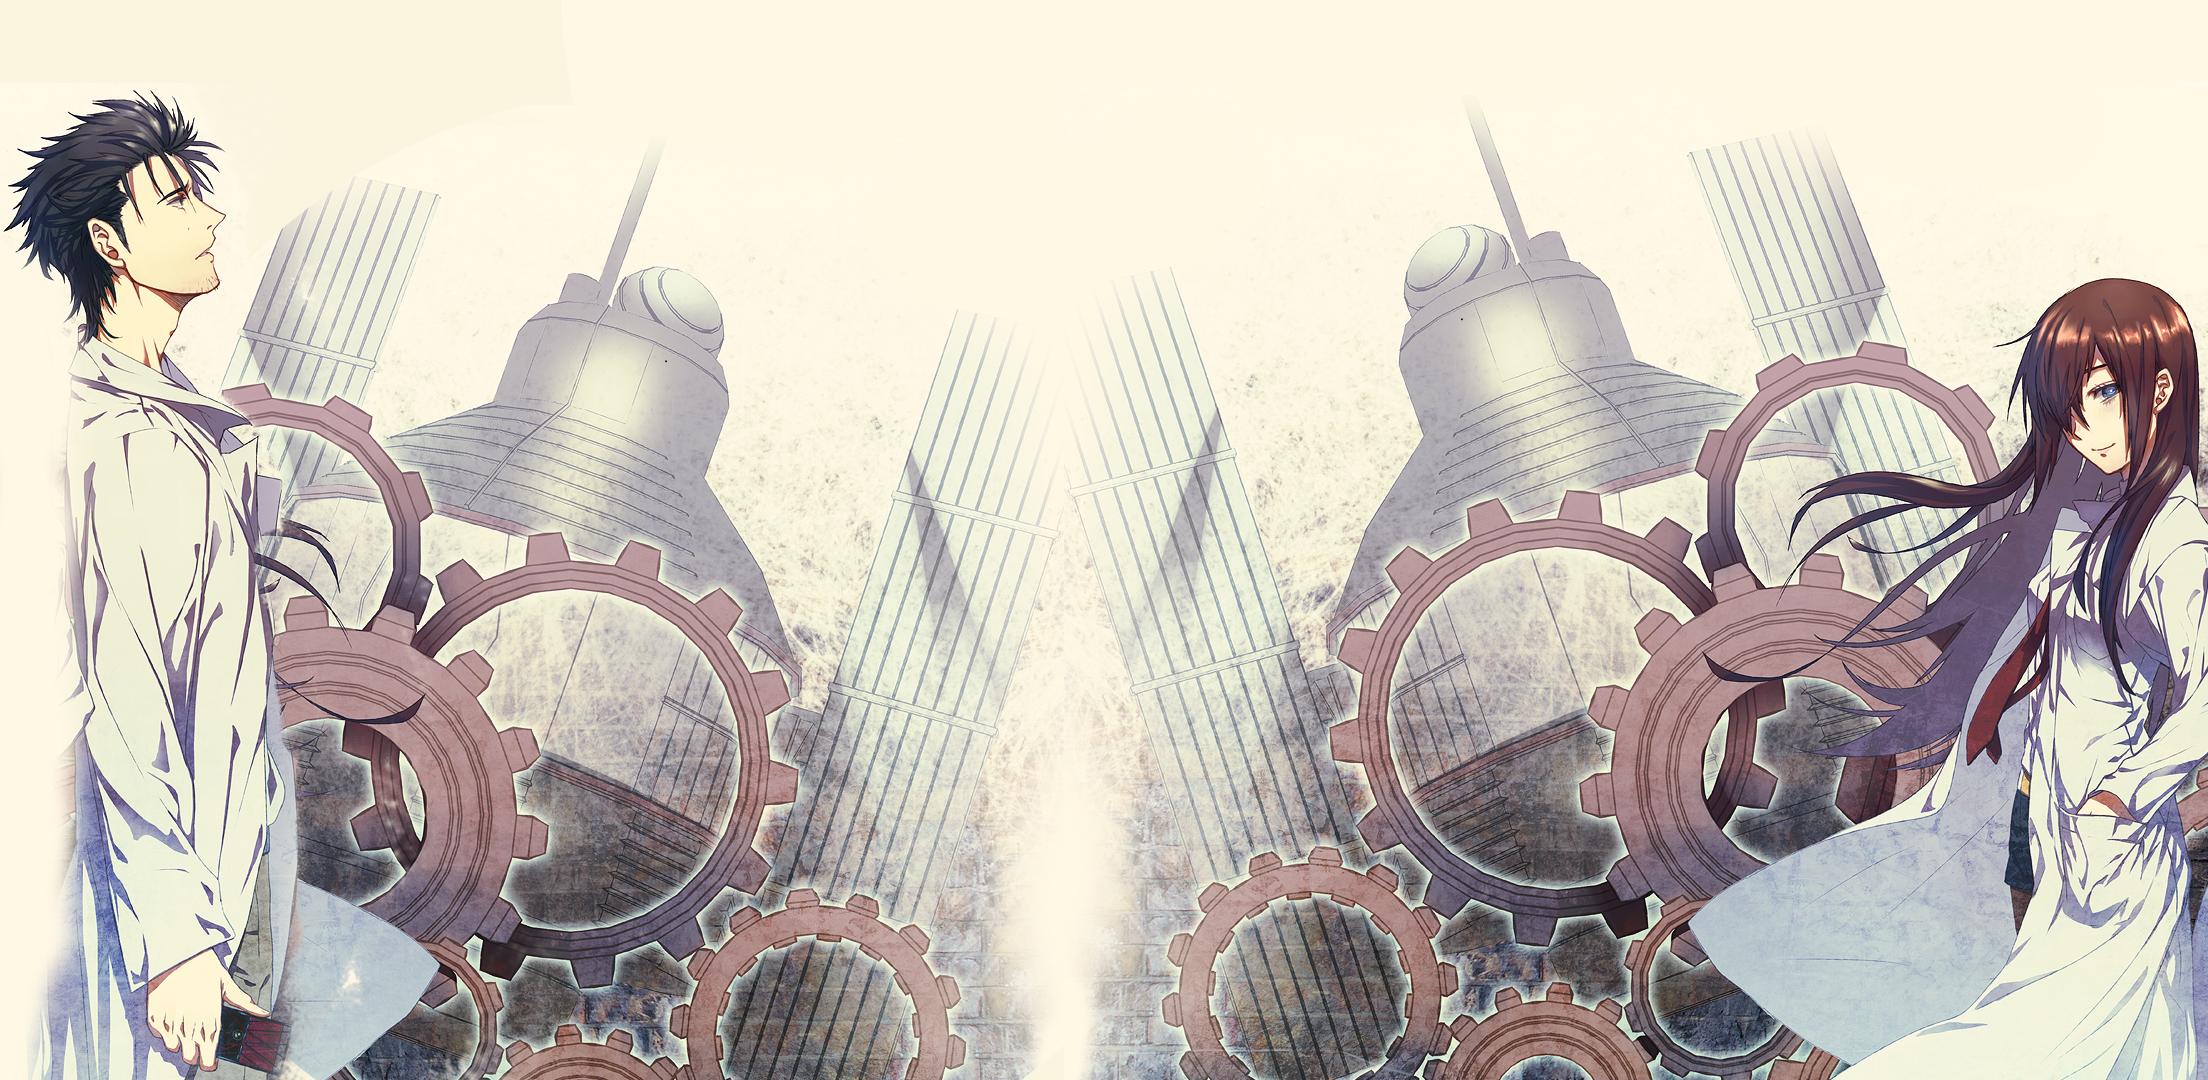 Anime Steins Gate Wallpaper 2208x1080 Anime Steins Gate 2208x1080